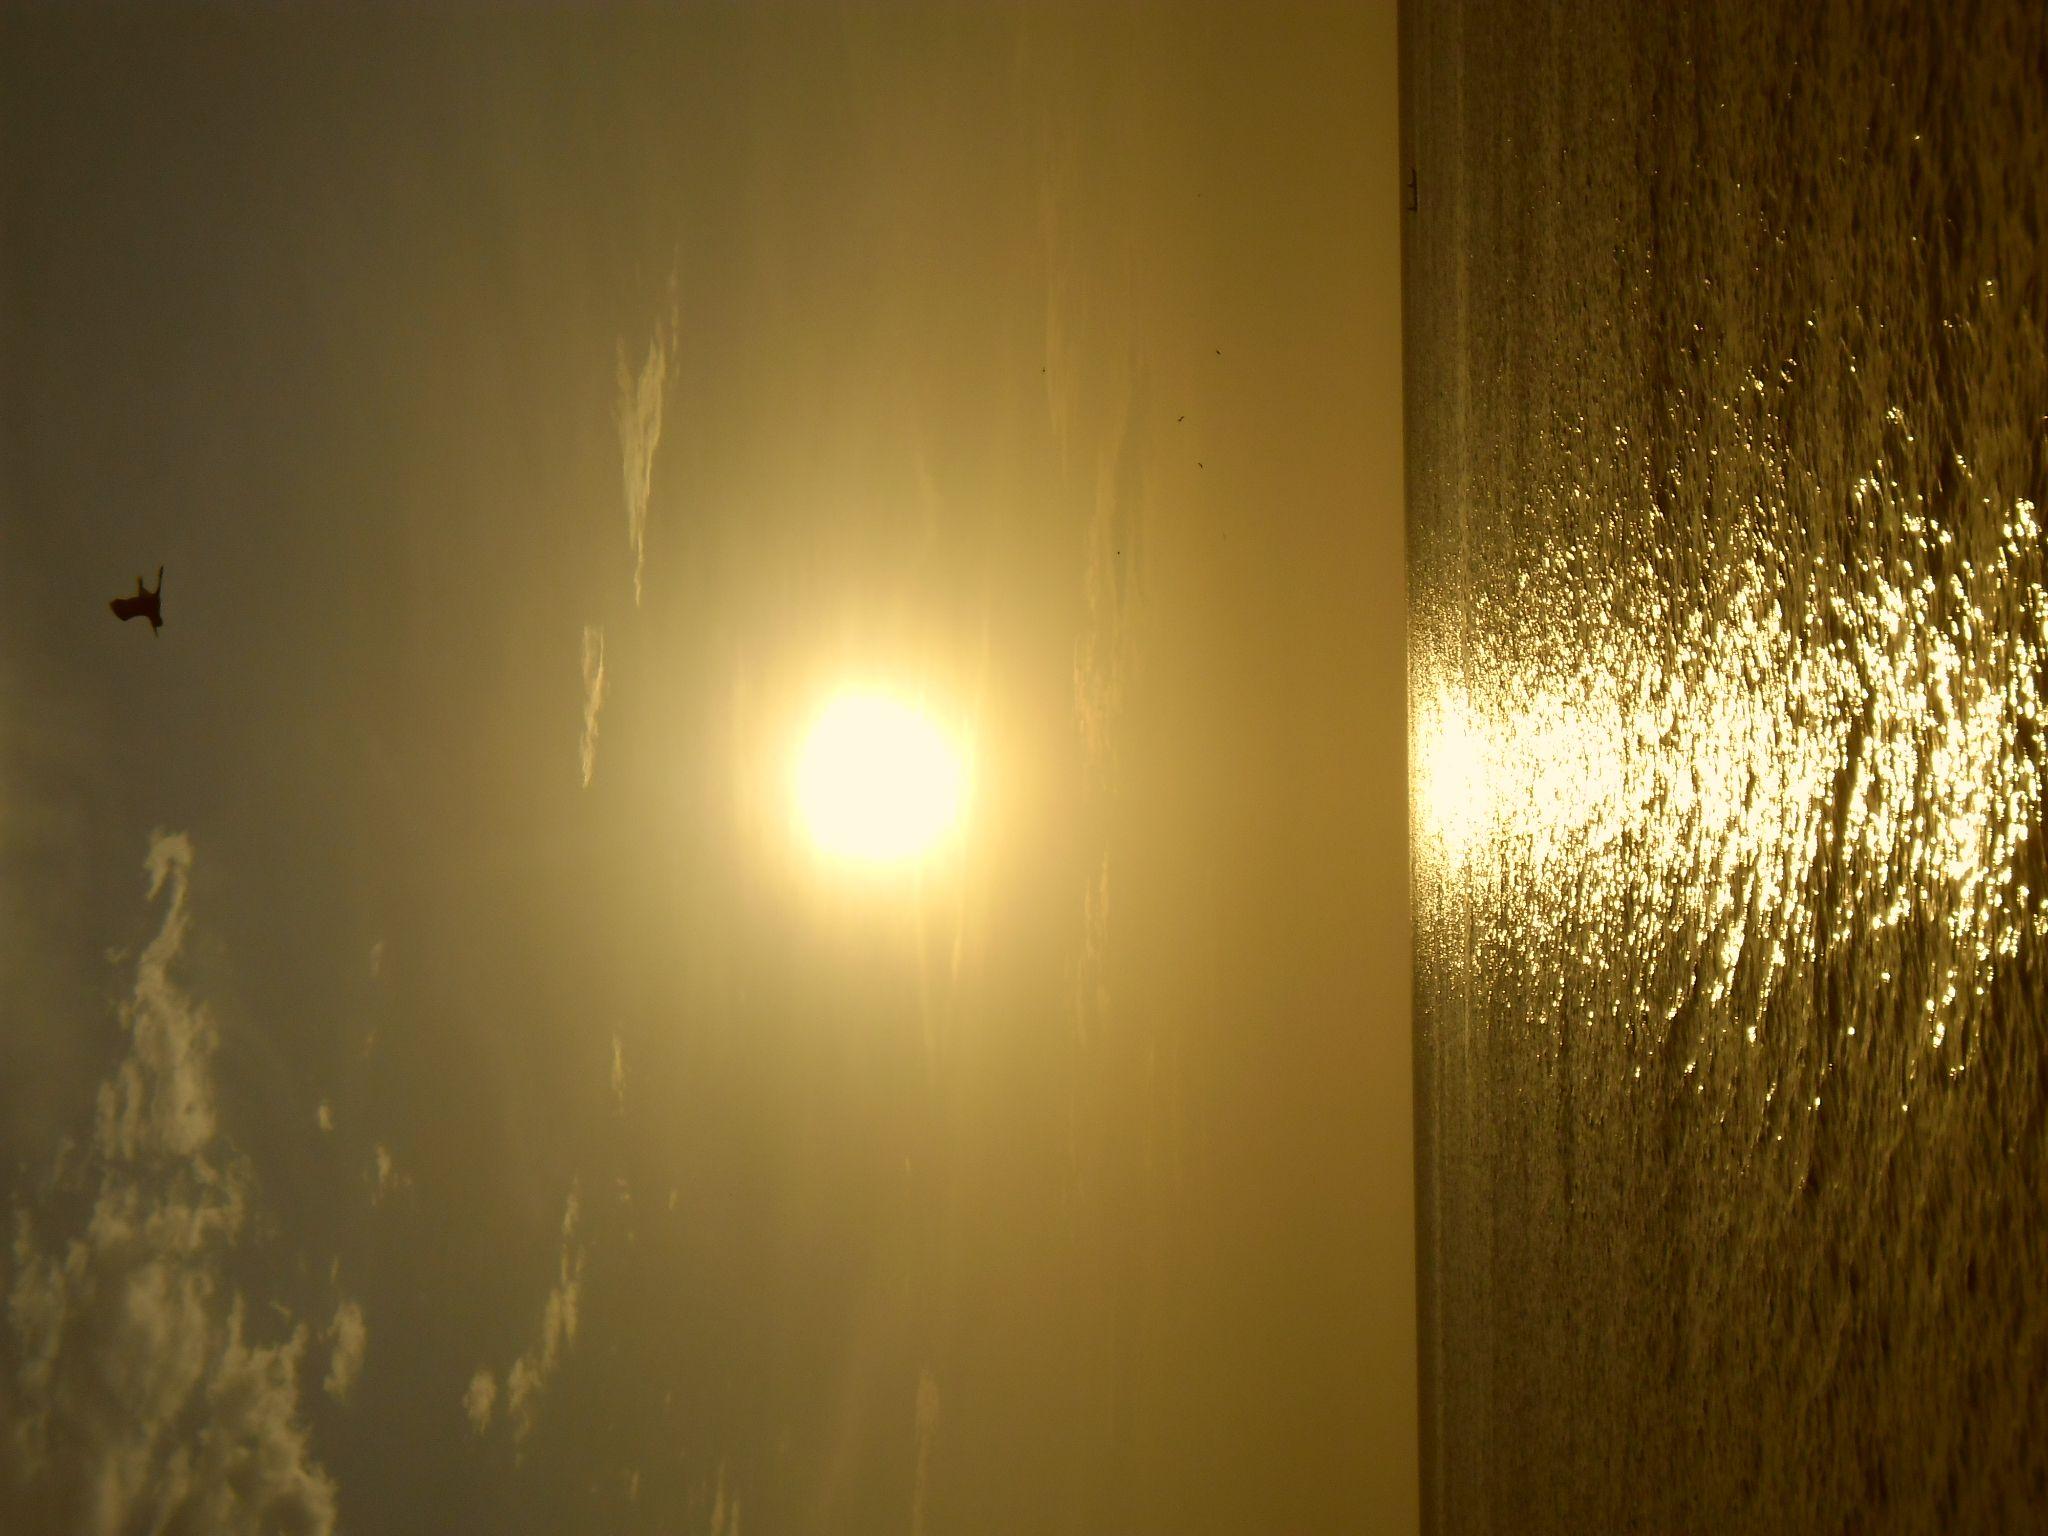 sol santa marta colombia